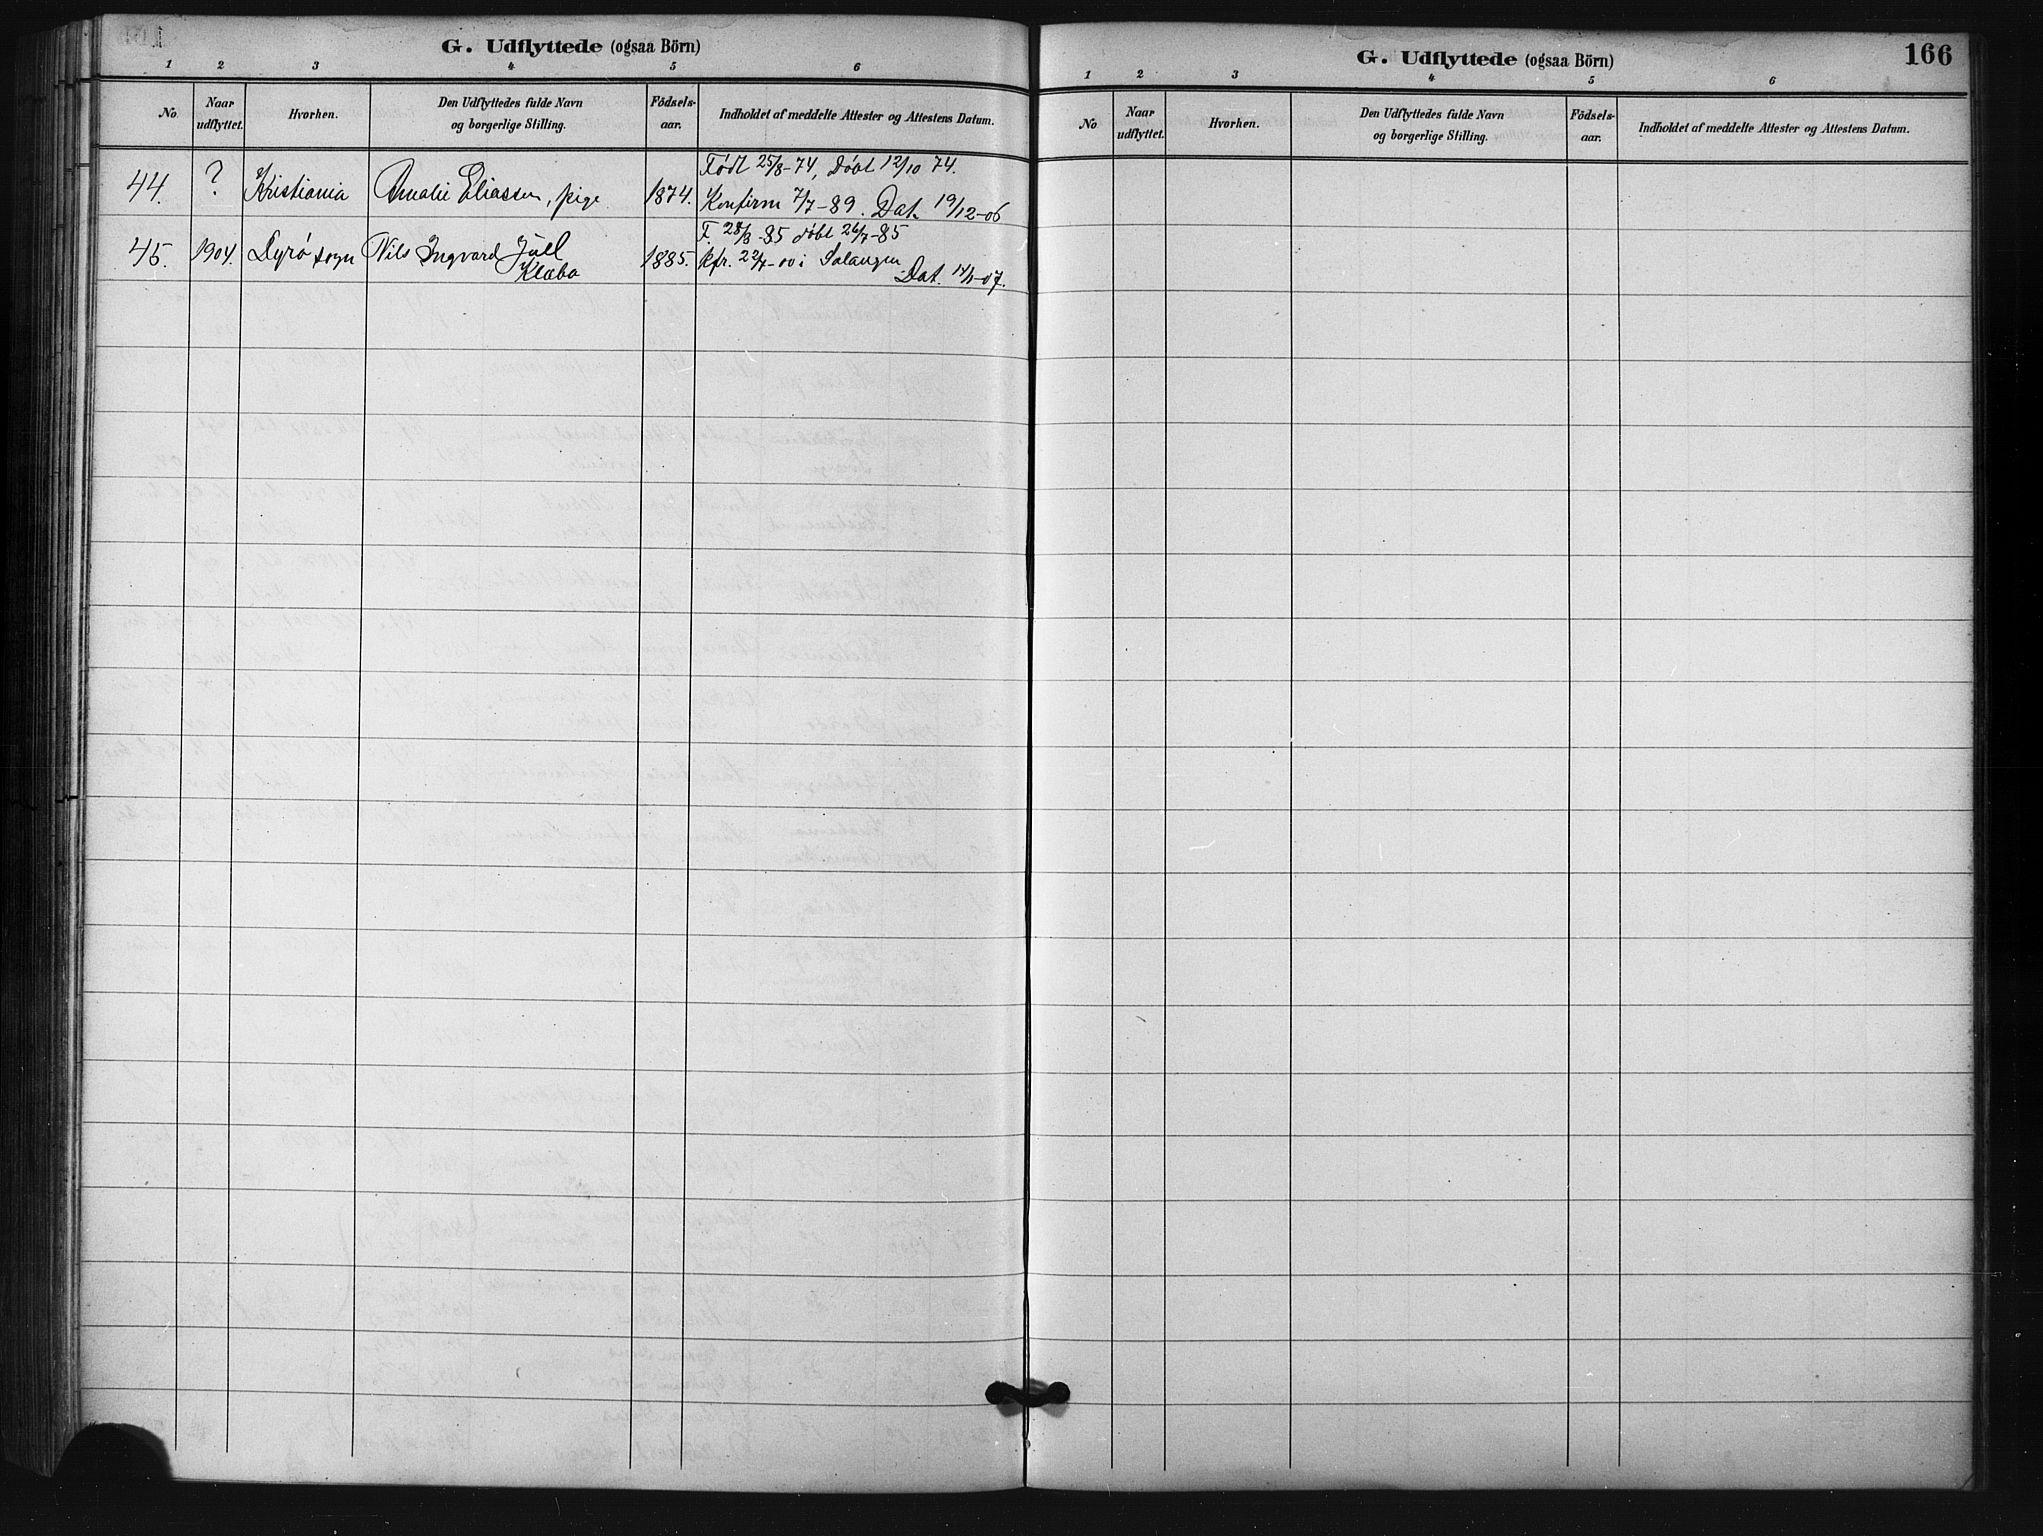 SATØ, Salangen sokneprestembete, H/Ha/L0001klokker: Klokkerbok nr. 1, 1893-1910, s. 166